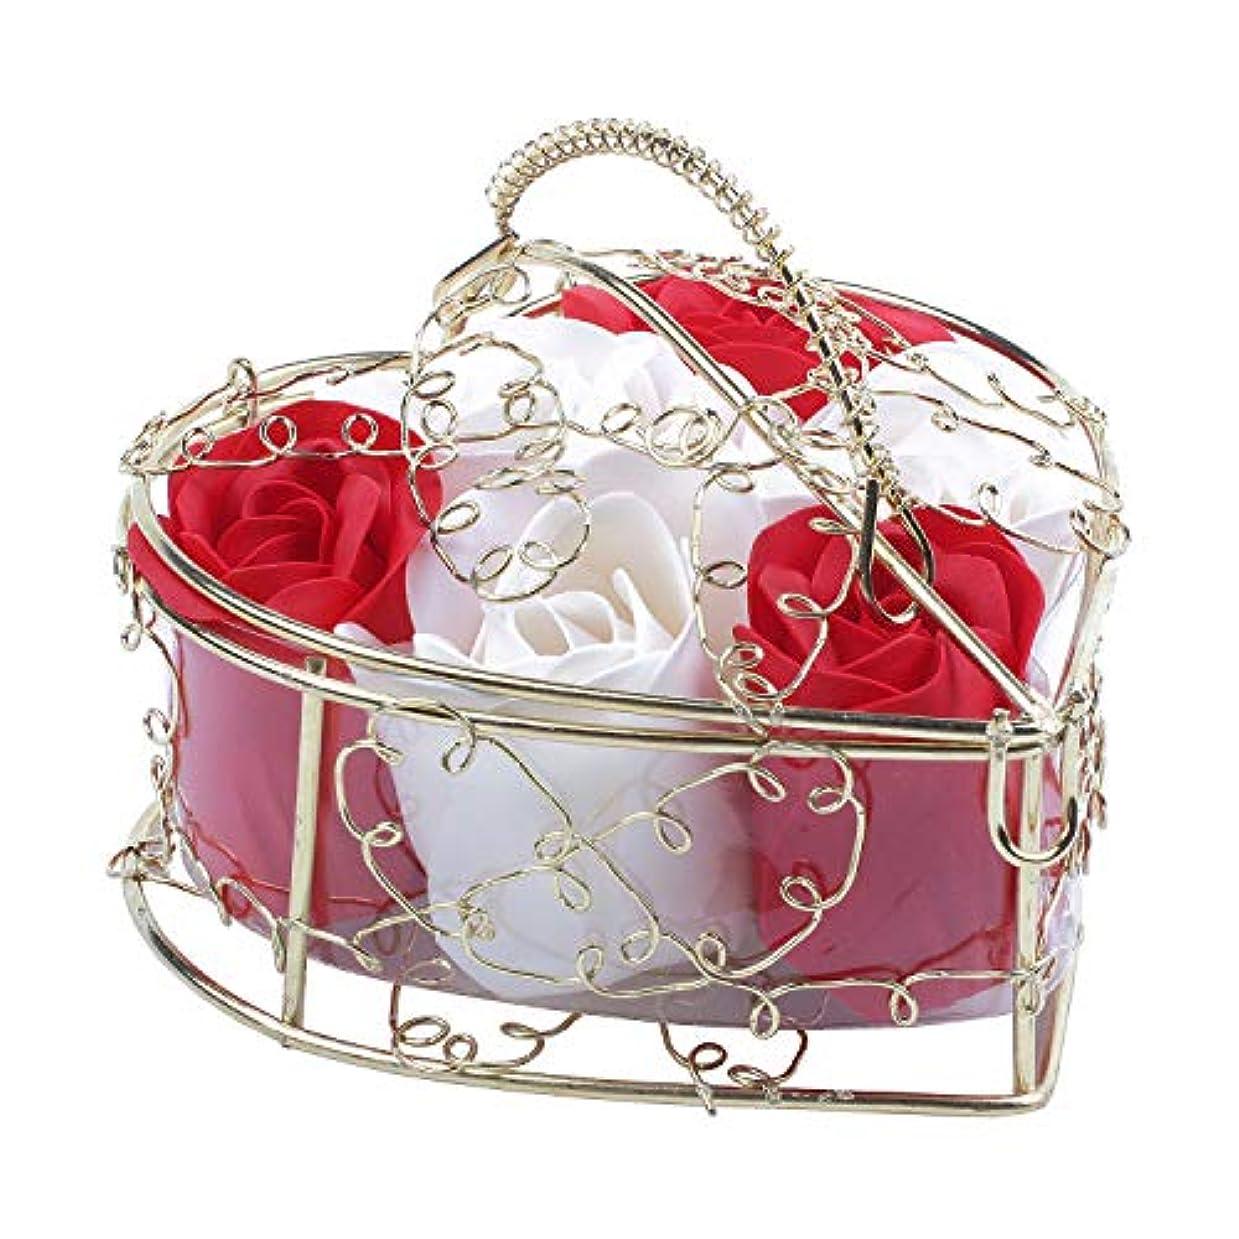 部音楽ペナルティSODIAL 6個の香り付きローズフラワー 花びらバス ボディソープ ウェディングパーティーギフト ホームDIYデコレーション(レッド&ホワイト)